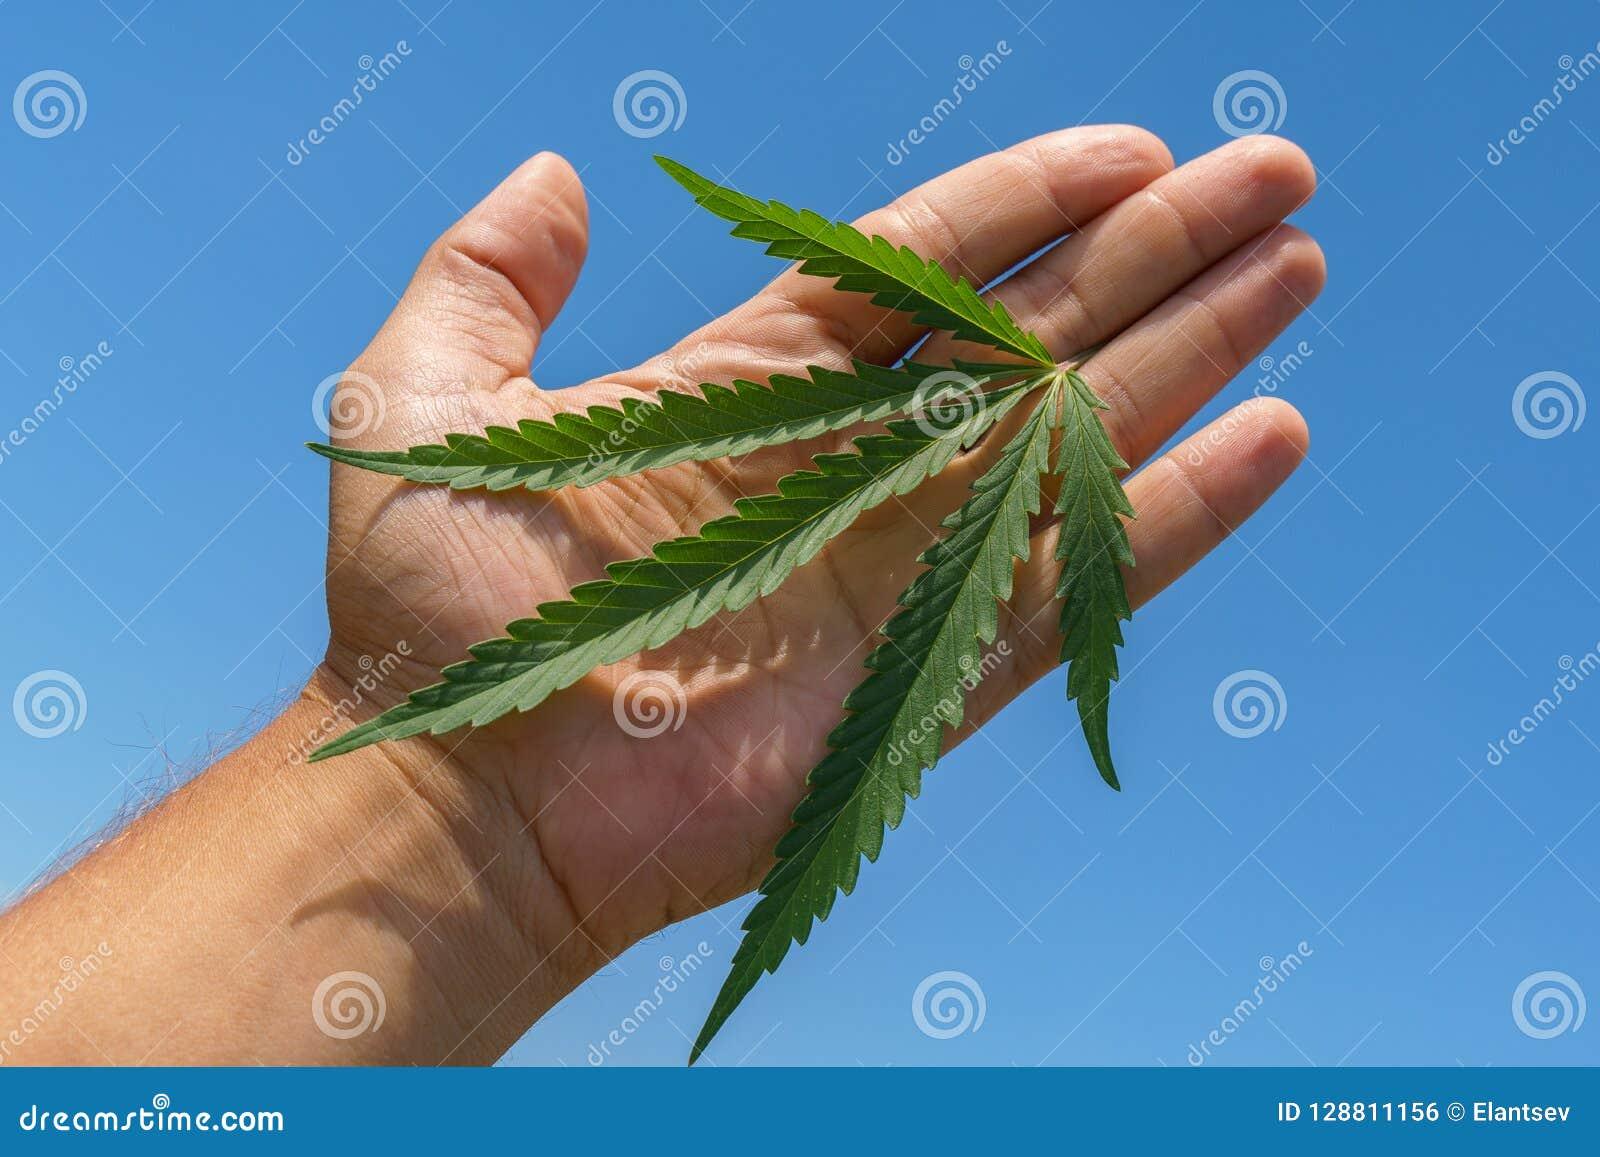 Installaties van weiden en gebieden - hennep, cannabis, marihuana